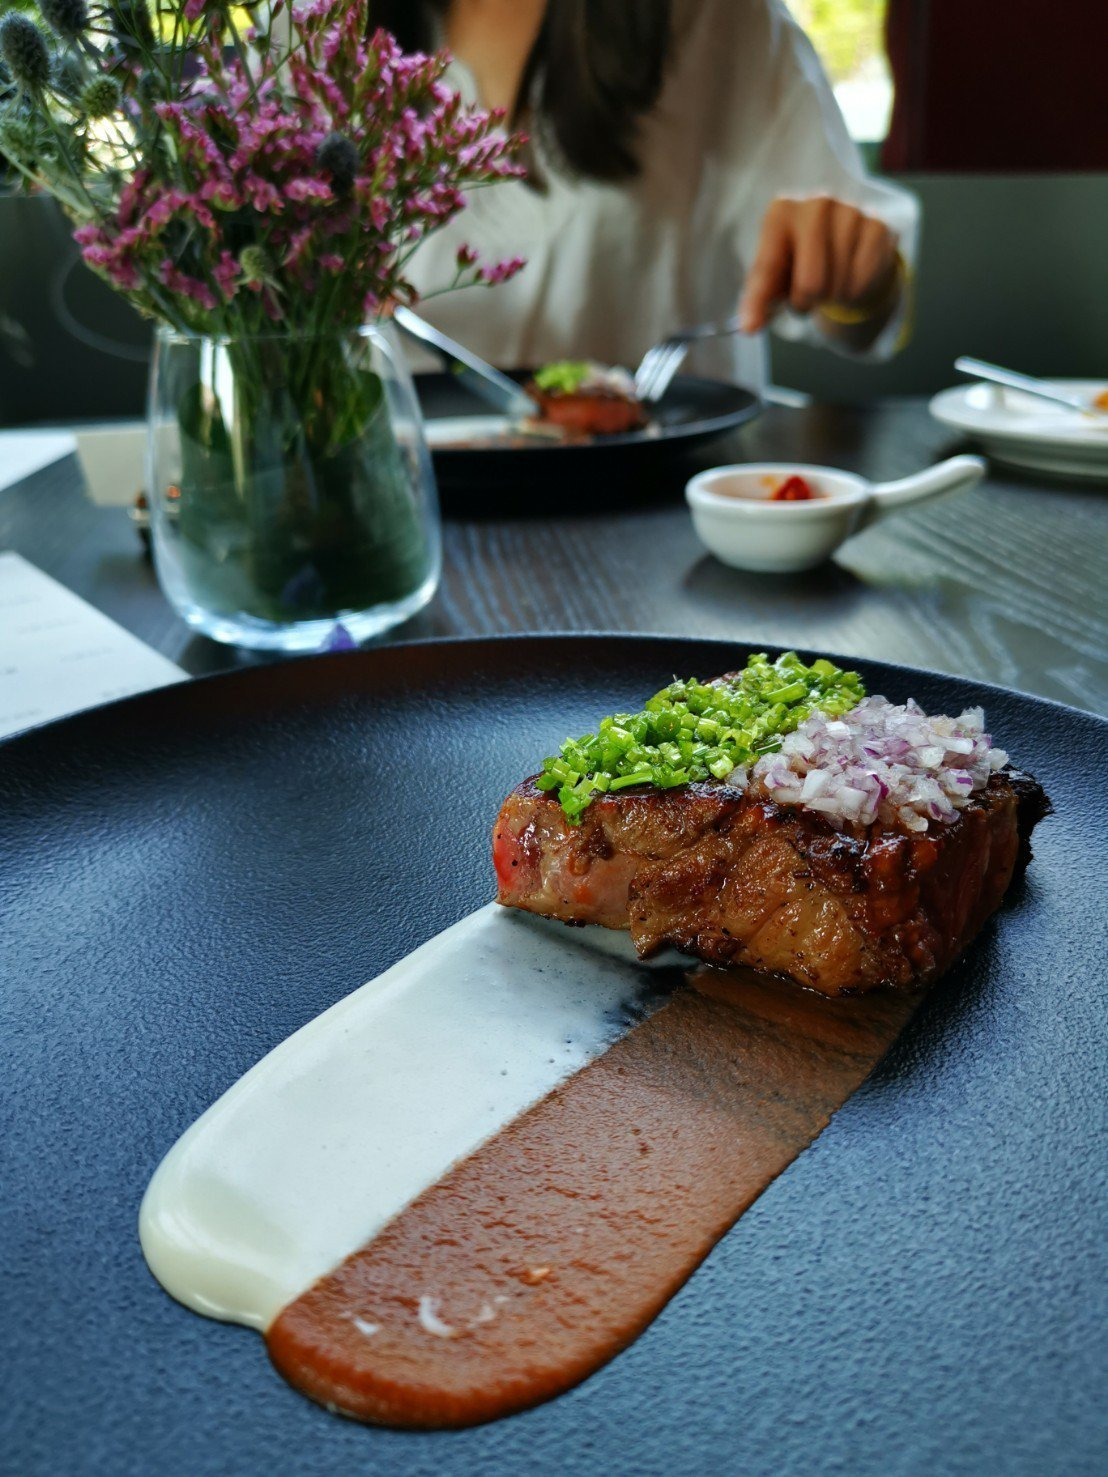 客座主廚菜單--美國頂級紐約客牛排。記者韓化宇/攝影